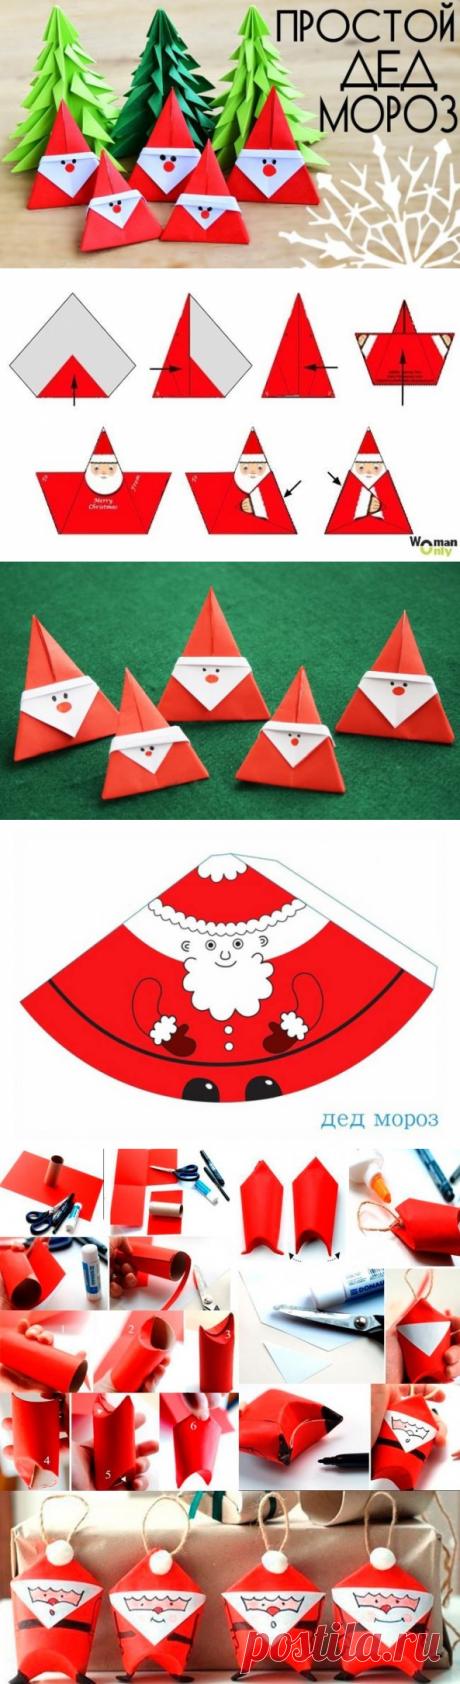 Забавный Дед Мороз из цветной бумаги